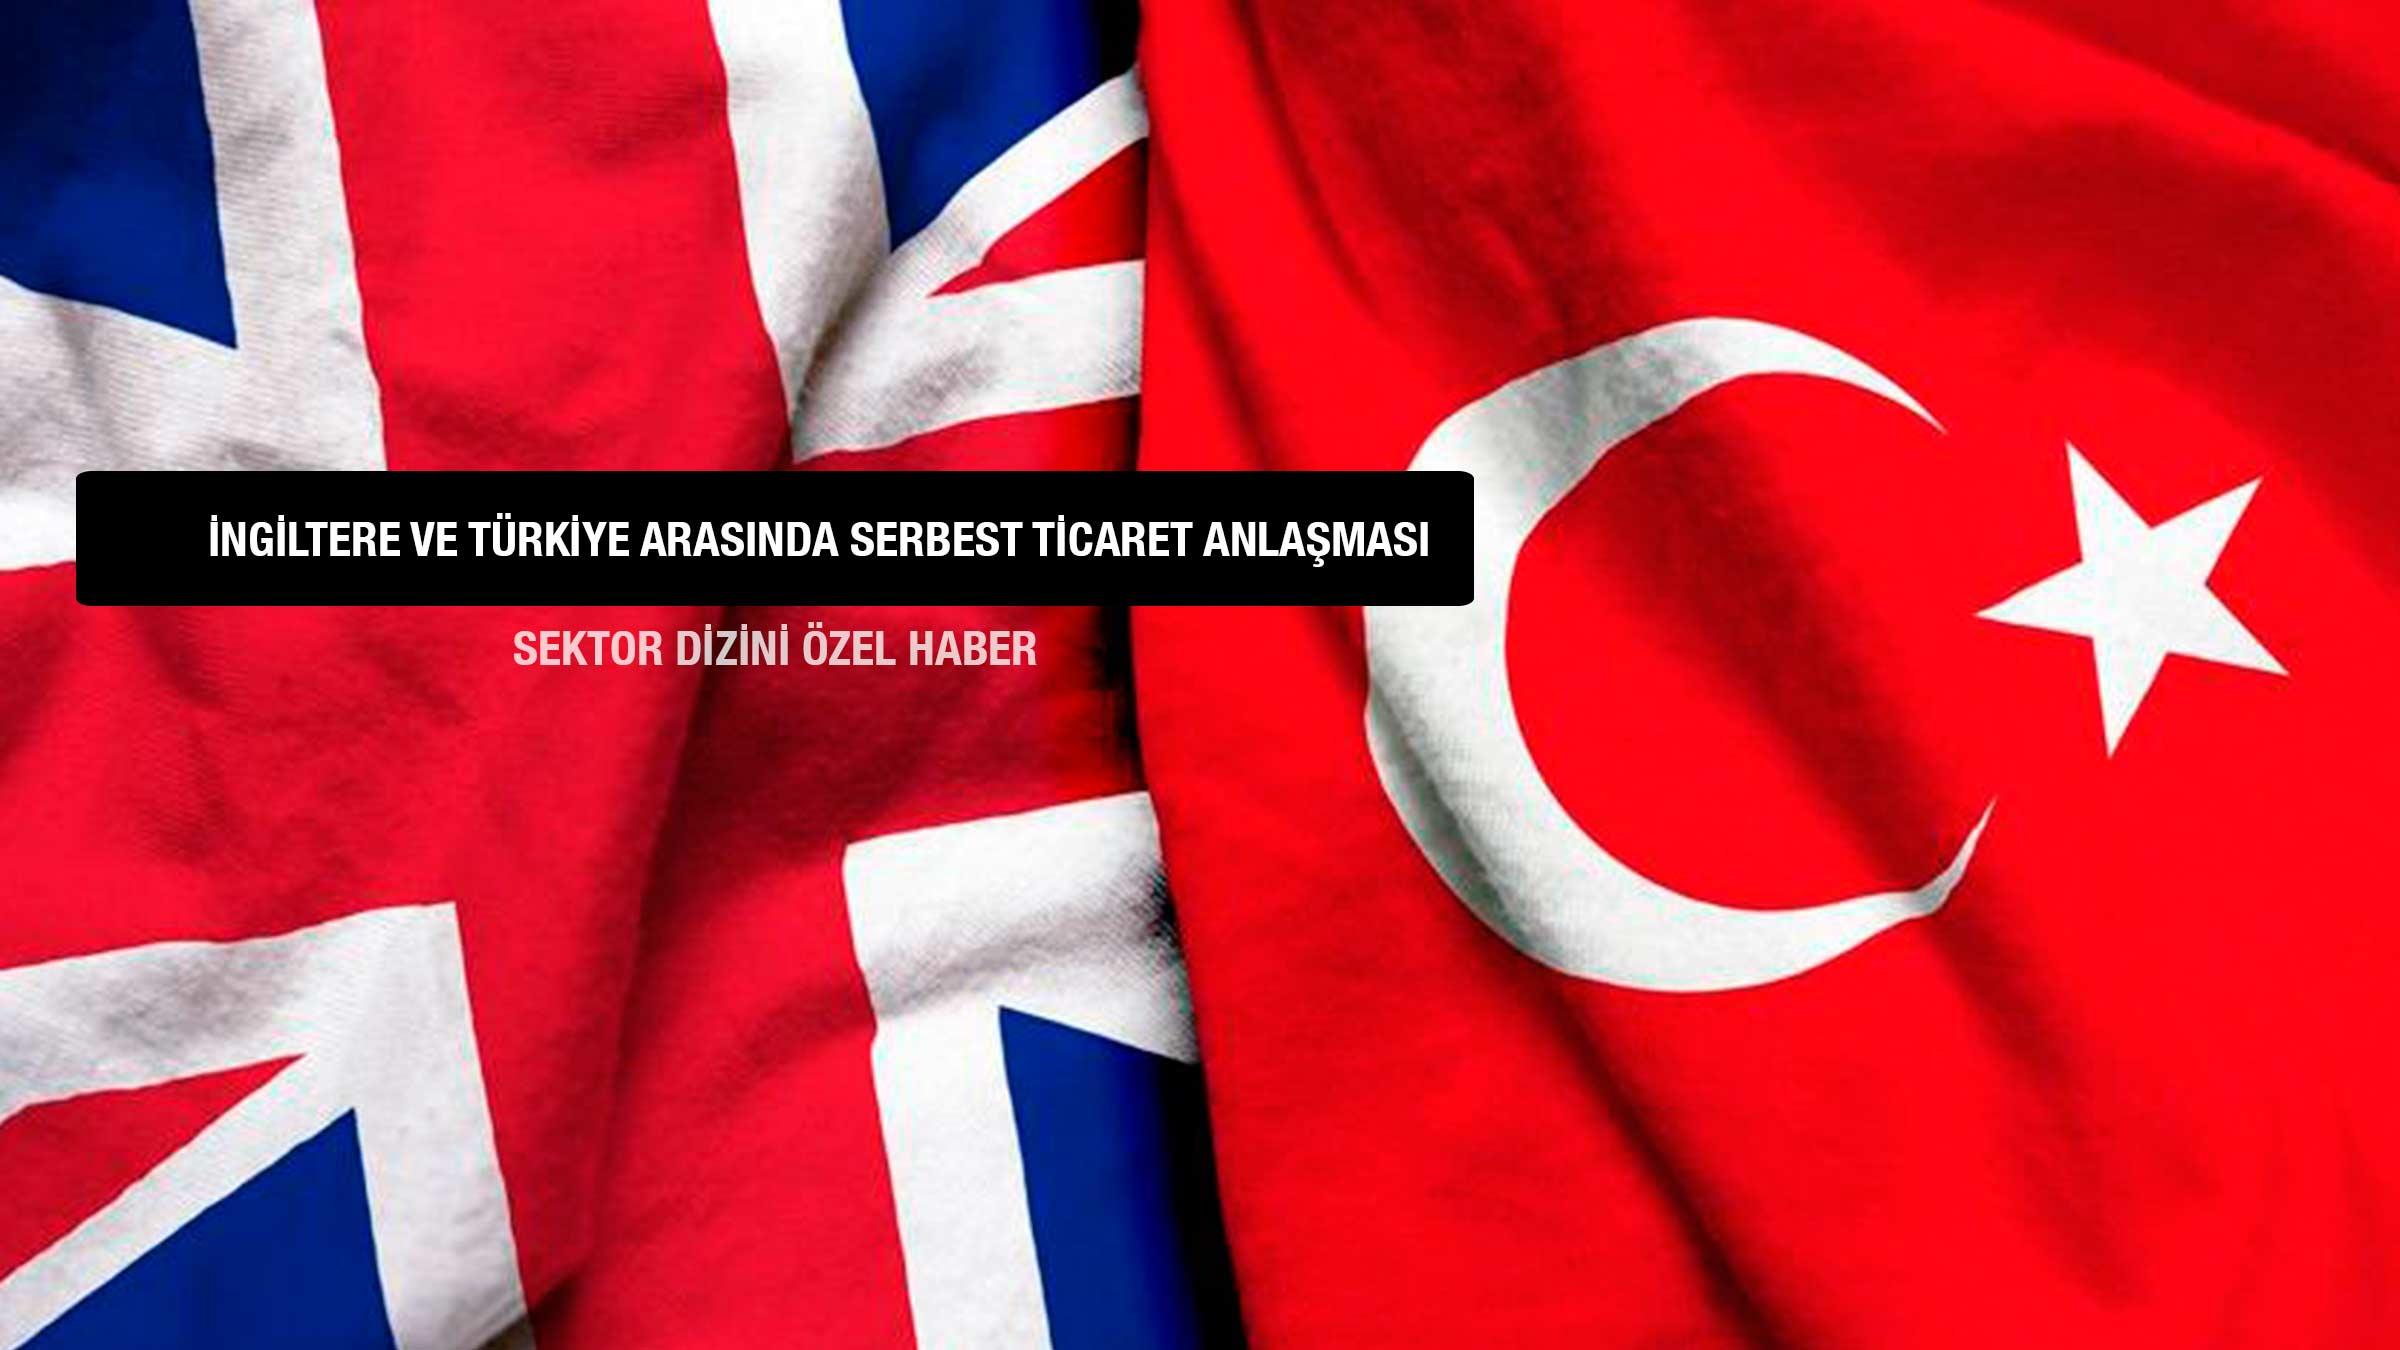 Turkiye İngiltere Arasında Serbest Ticaret Anaşması Yapıldı